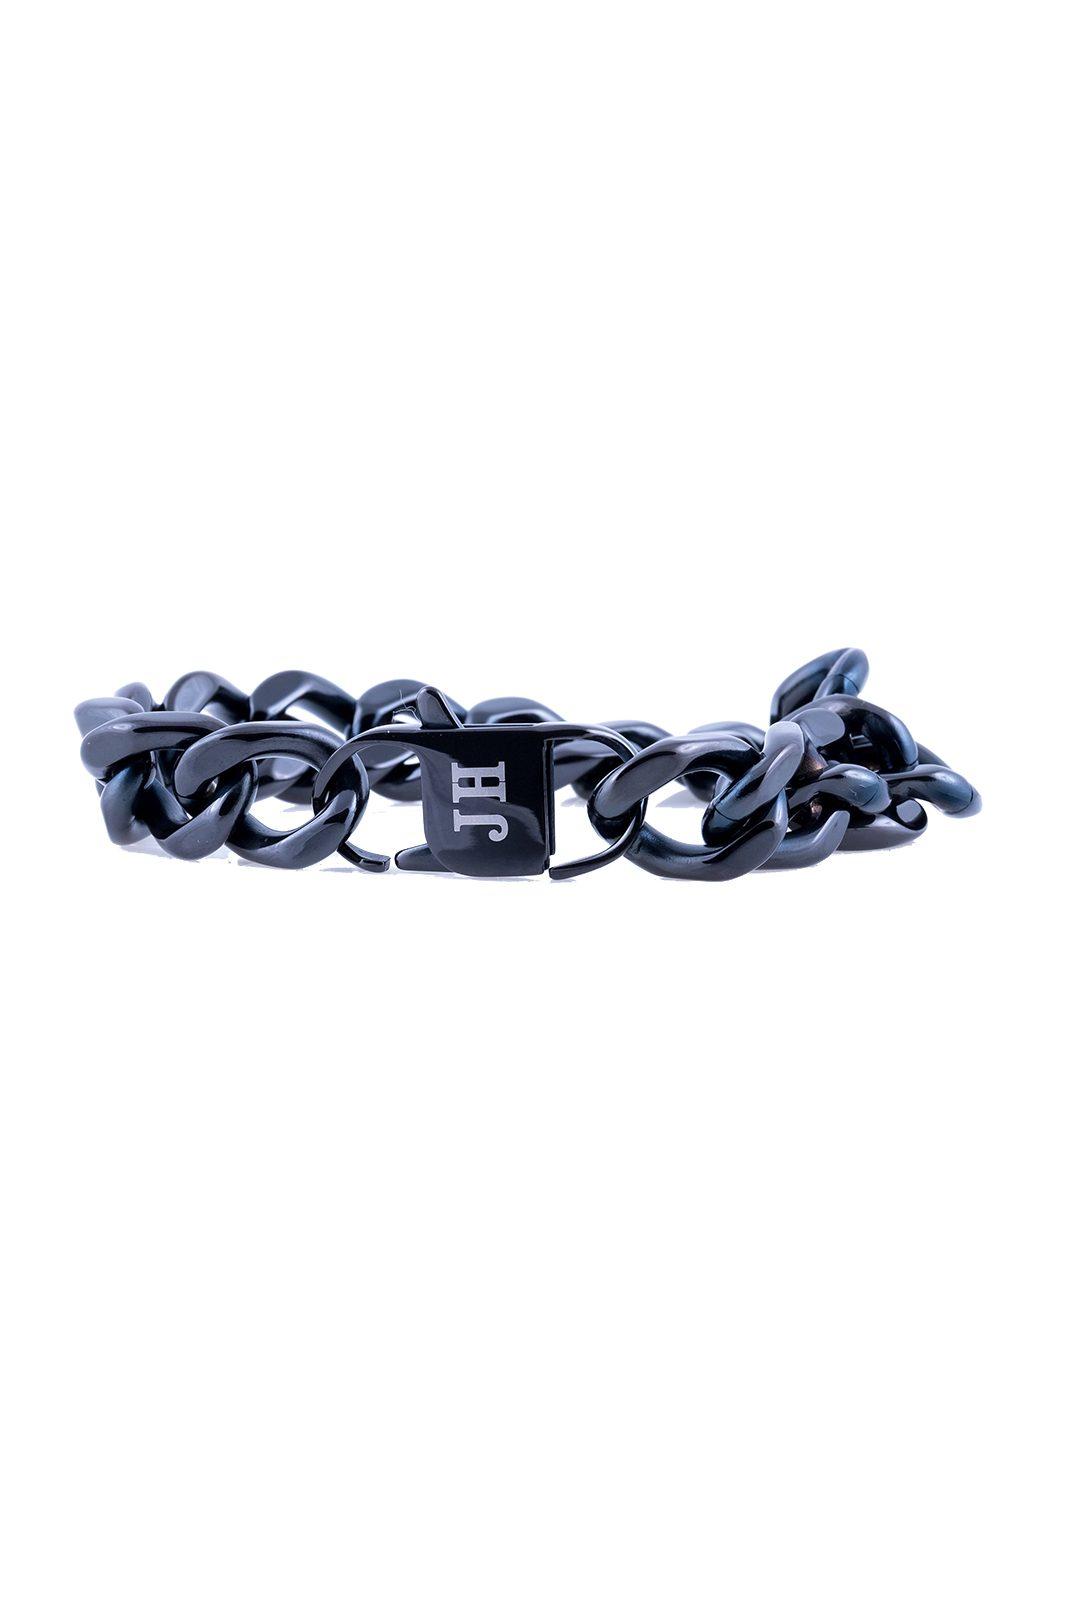 Bracelet Sonny Black Stainless Steel